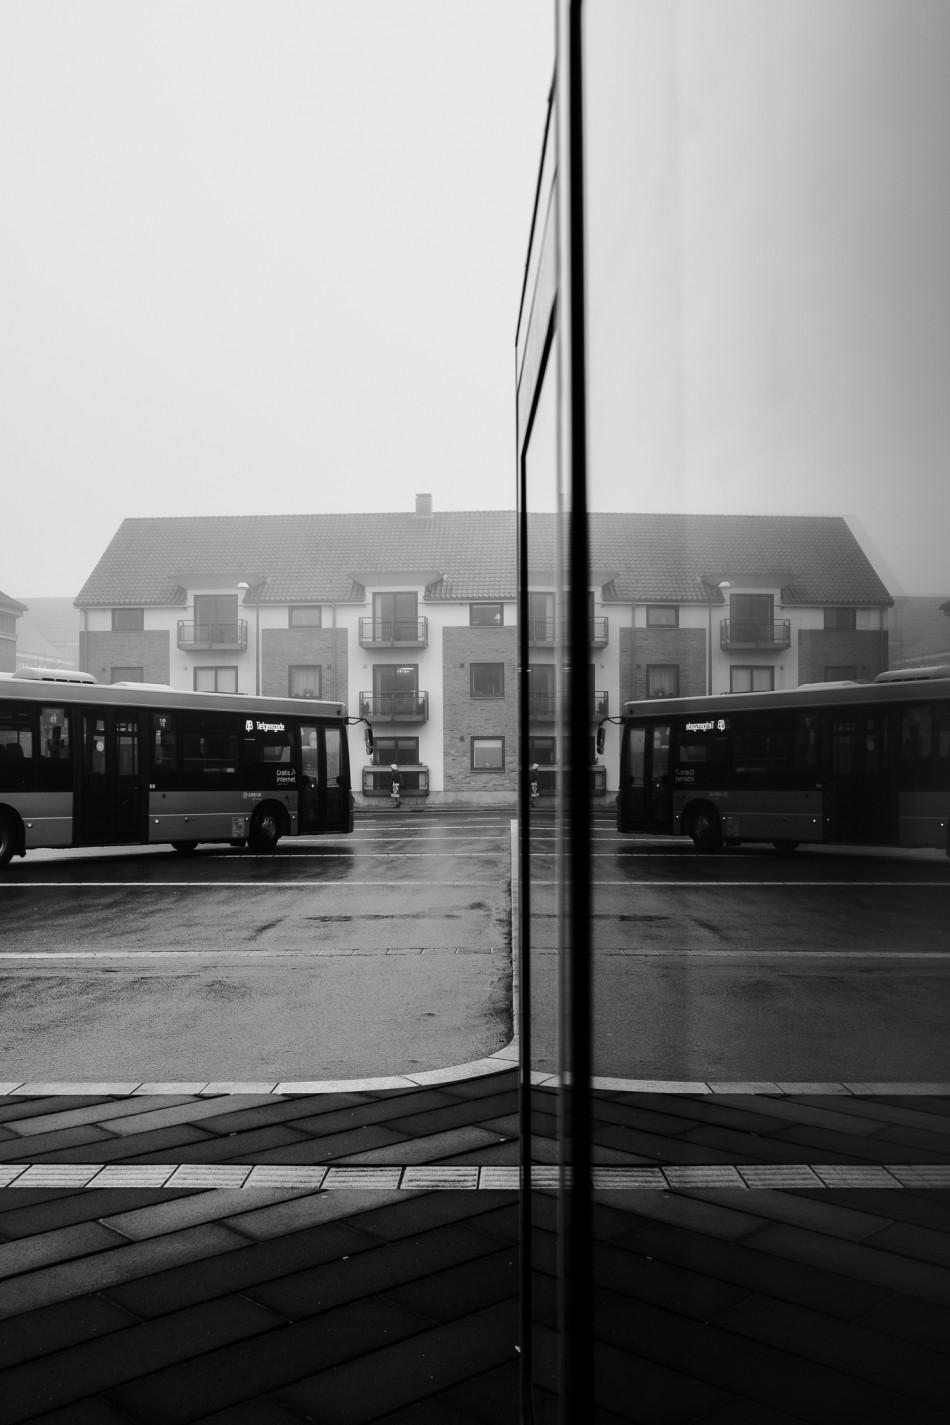 Bybus forlader terminalen både i virkelighed og spejling